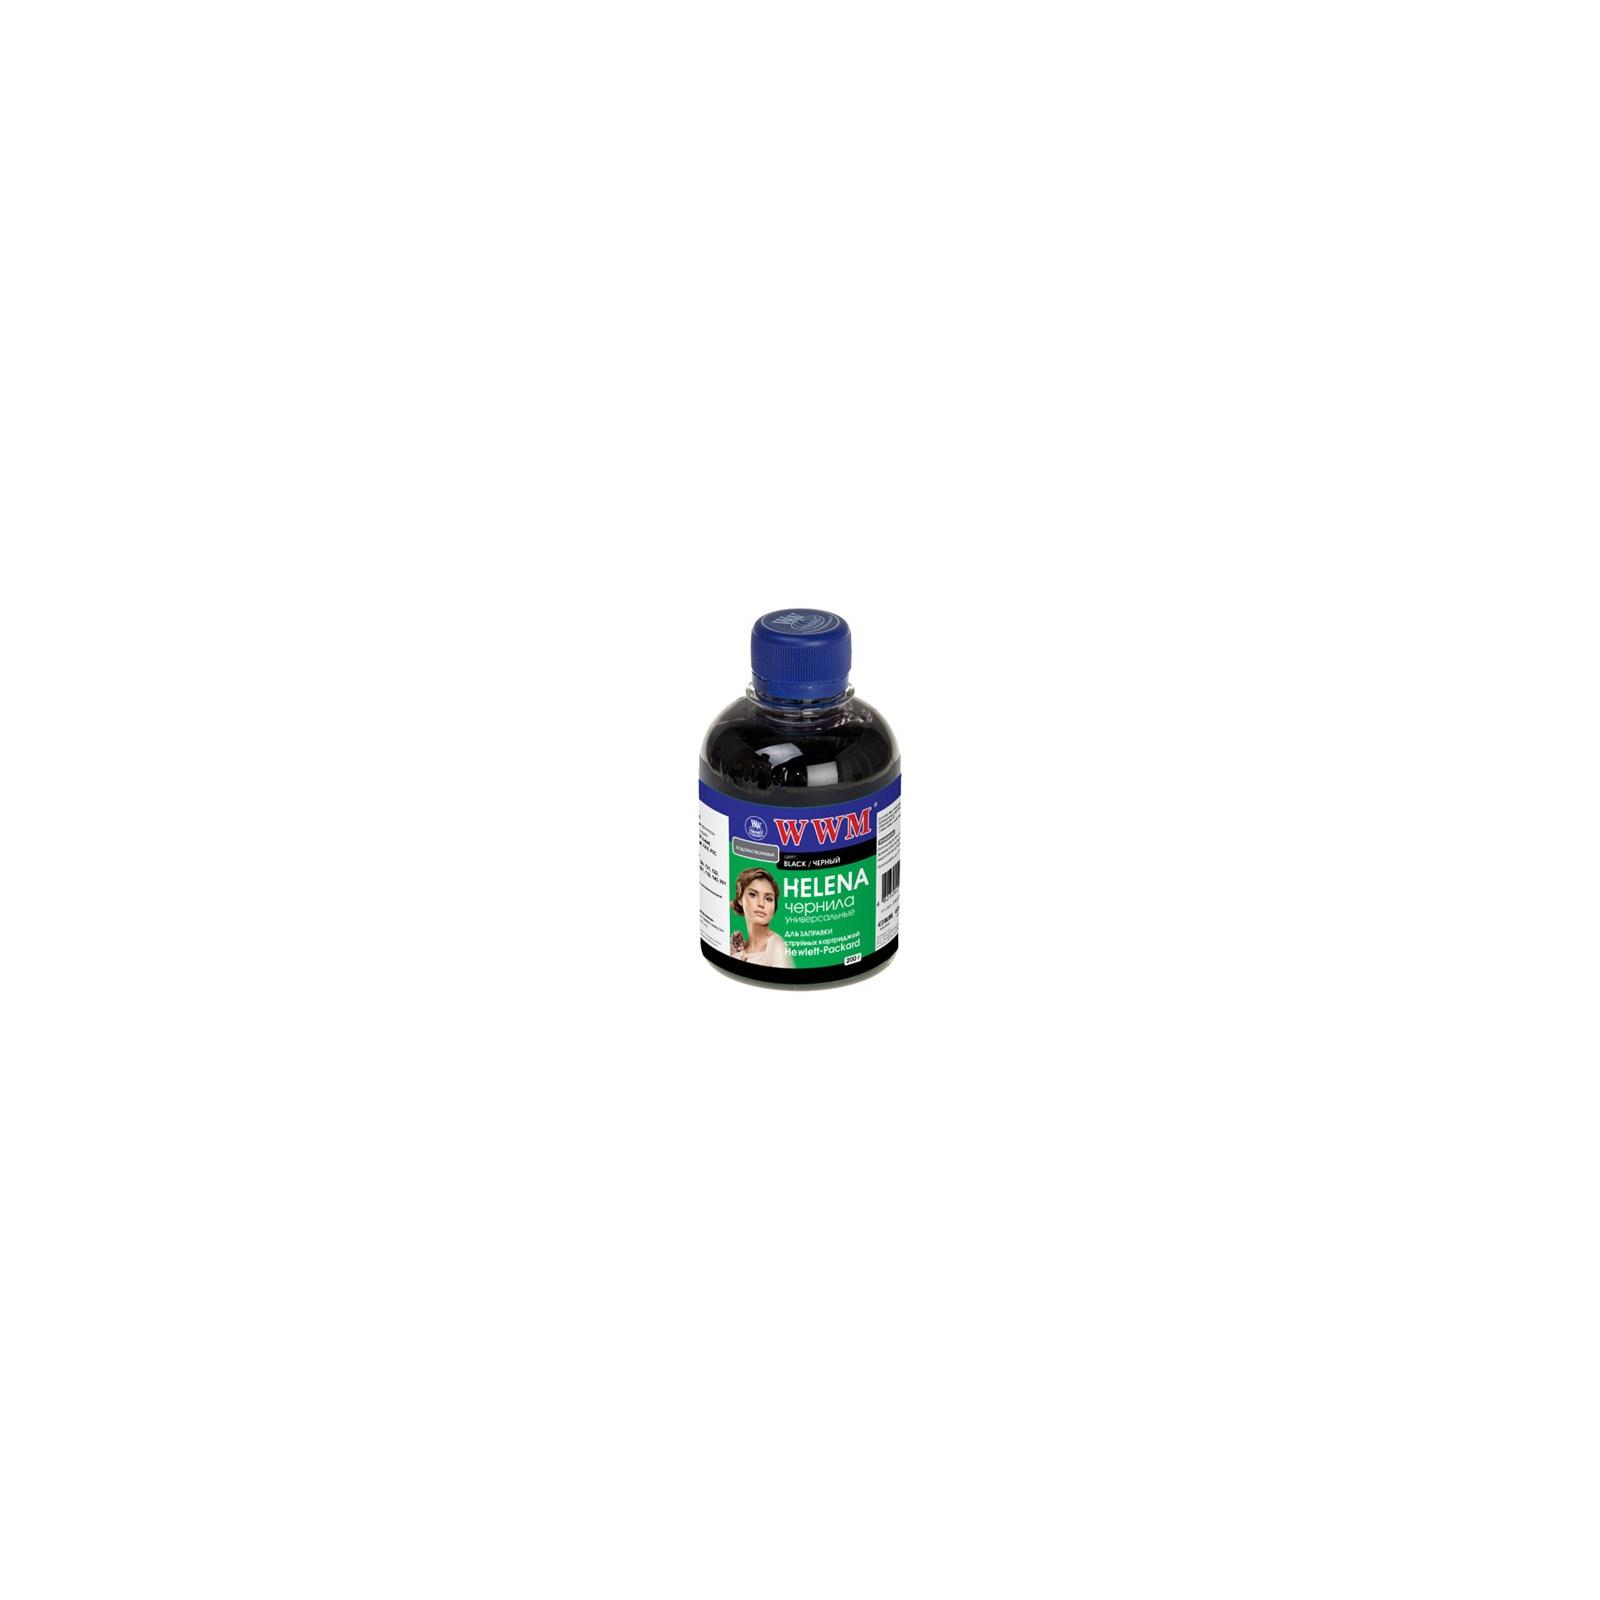 Чернила WWM HP UNIVERSAL HELENA Black (HU/B)